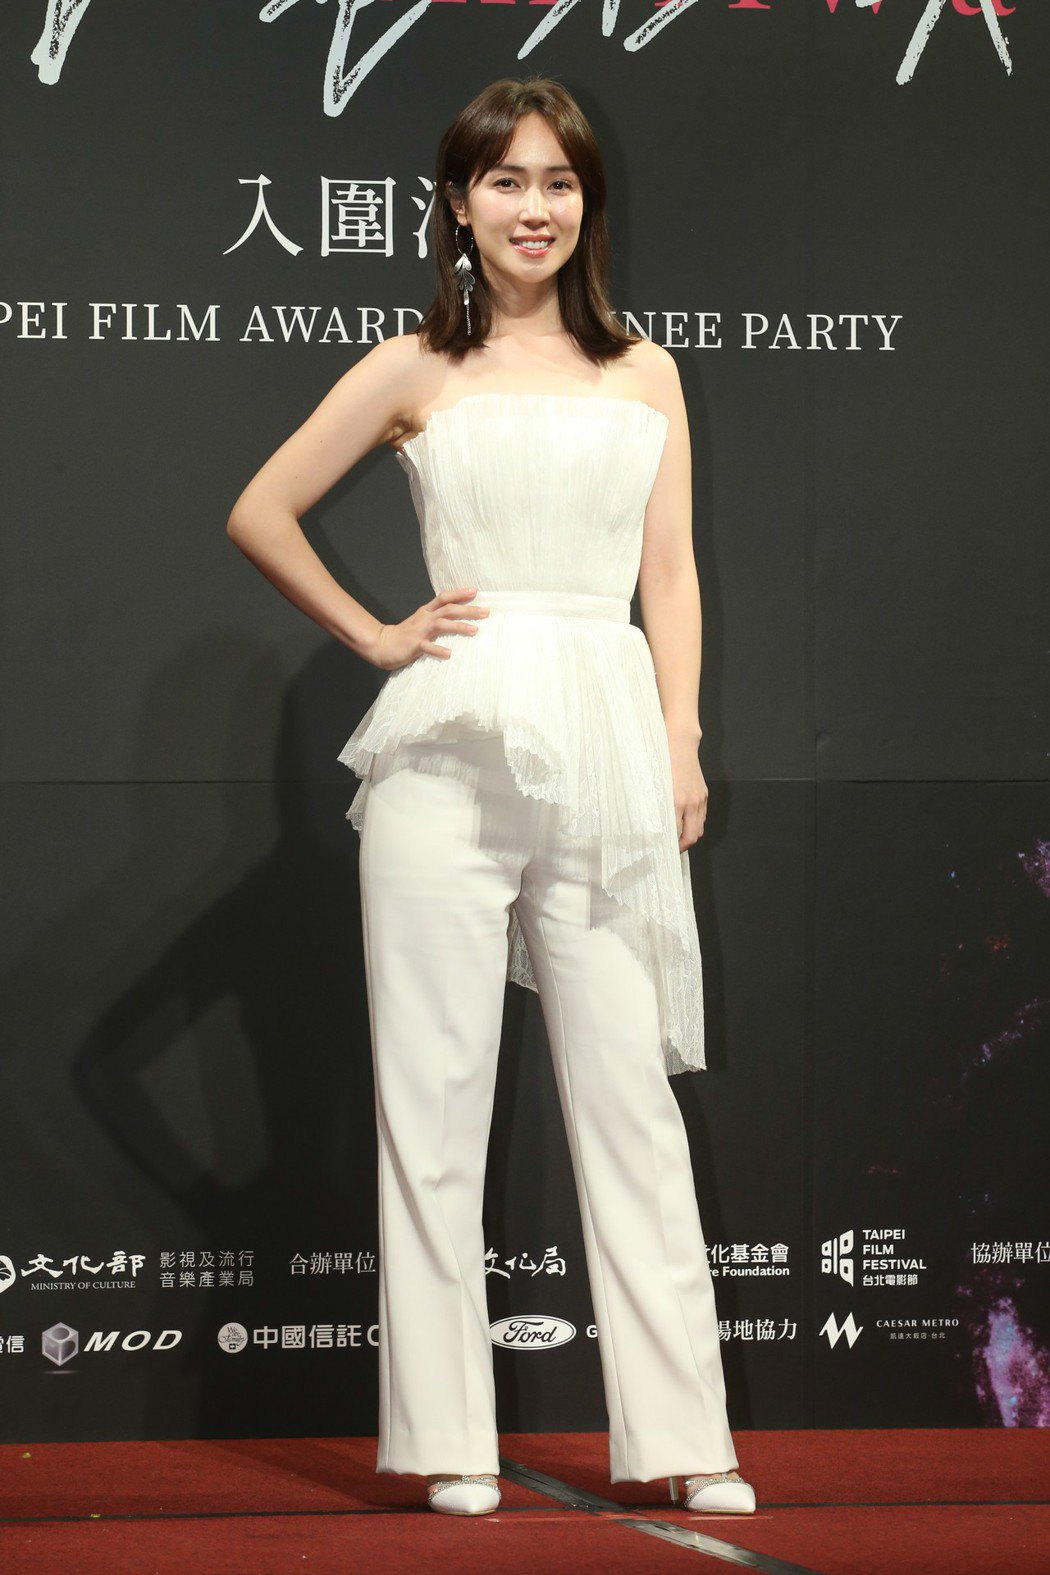 最佳女配角入圍者黃瀞怡昨天出席台北電影獎入圍酒會。記者葉信菉/攝影 葉信菉